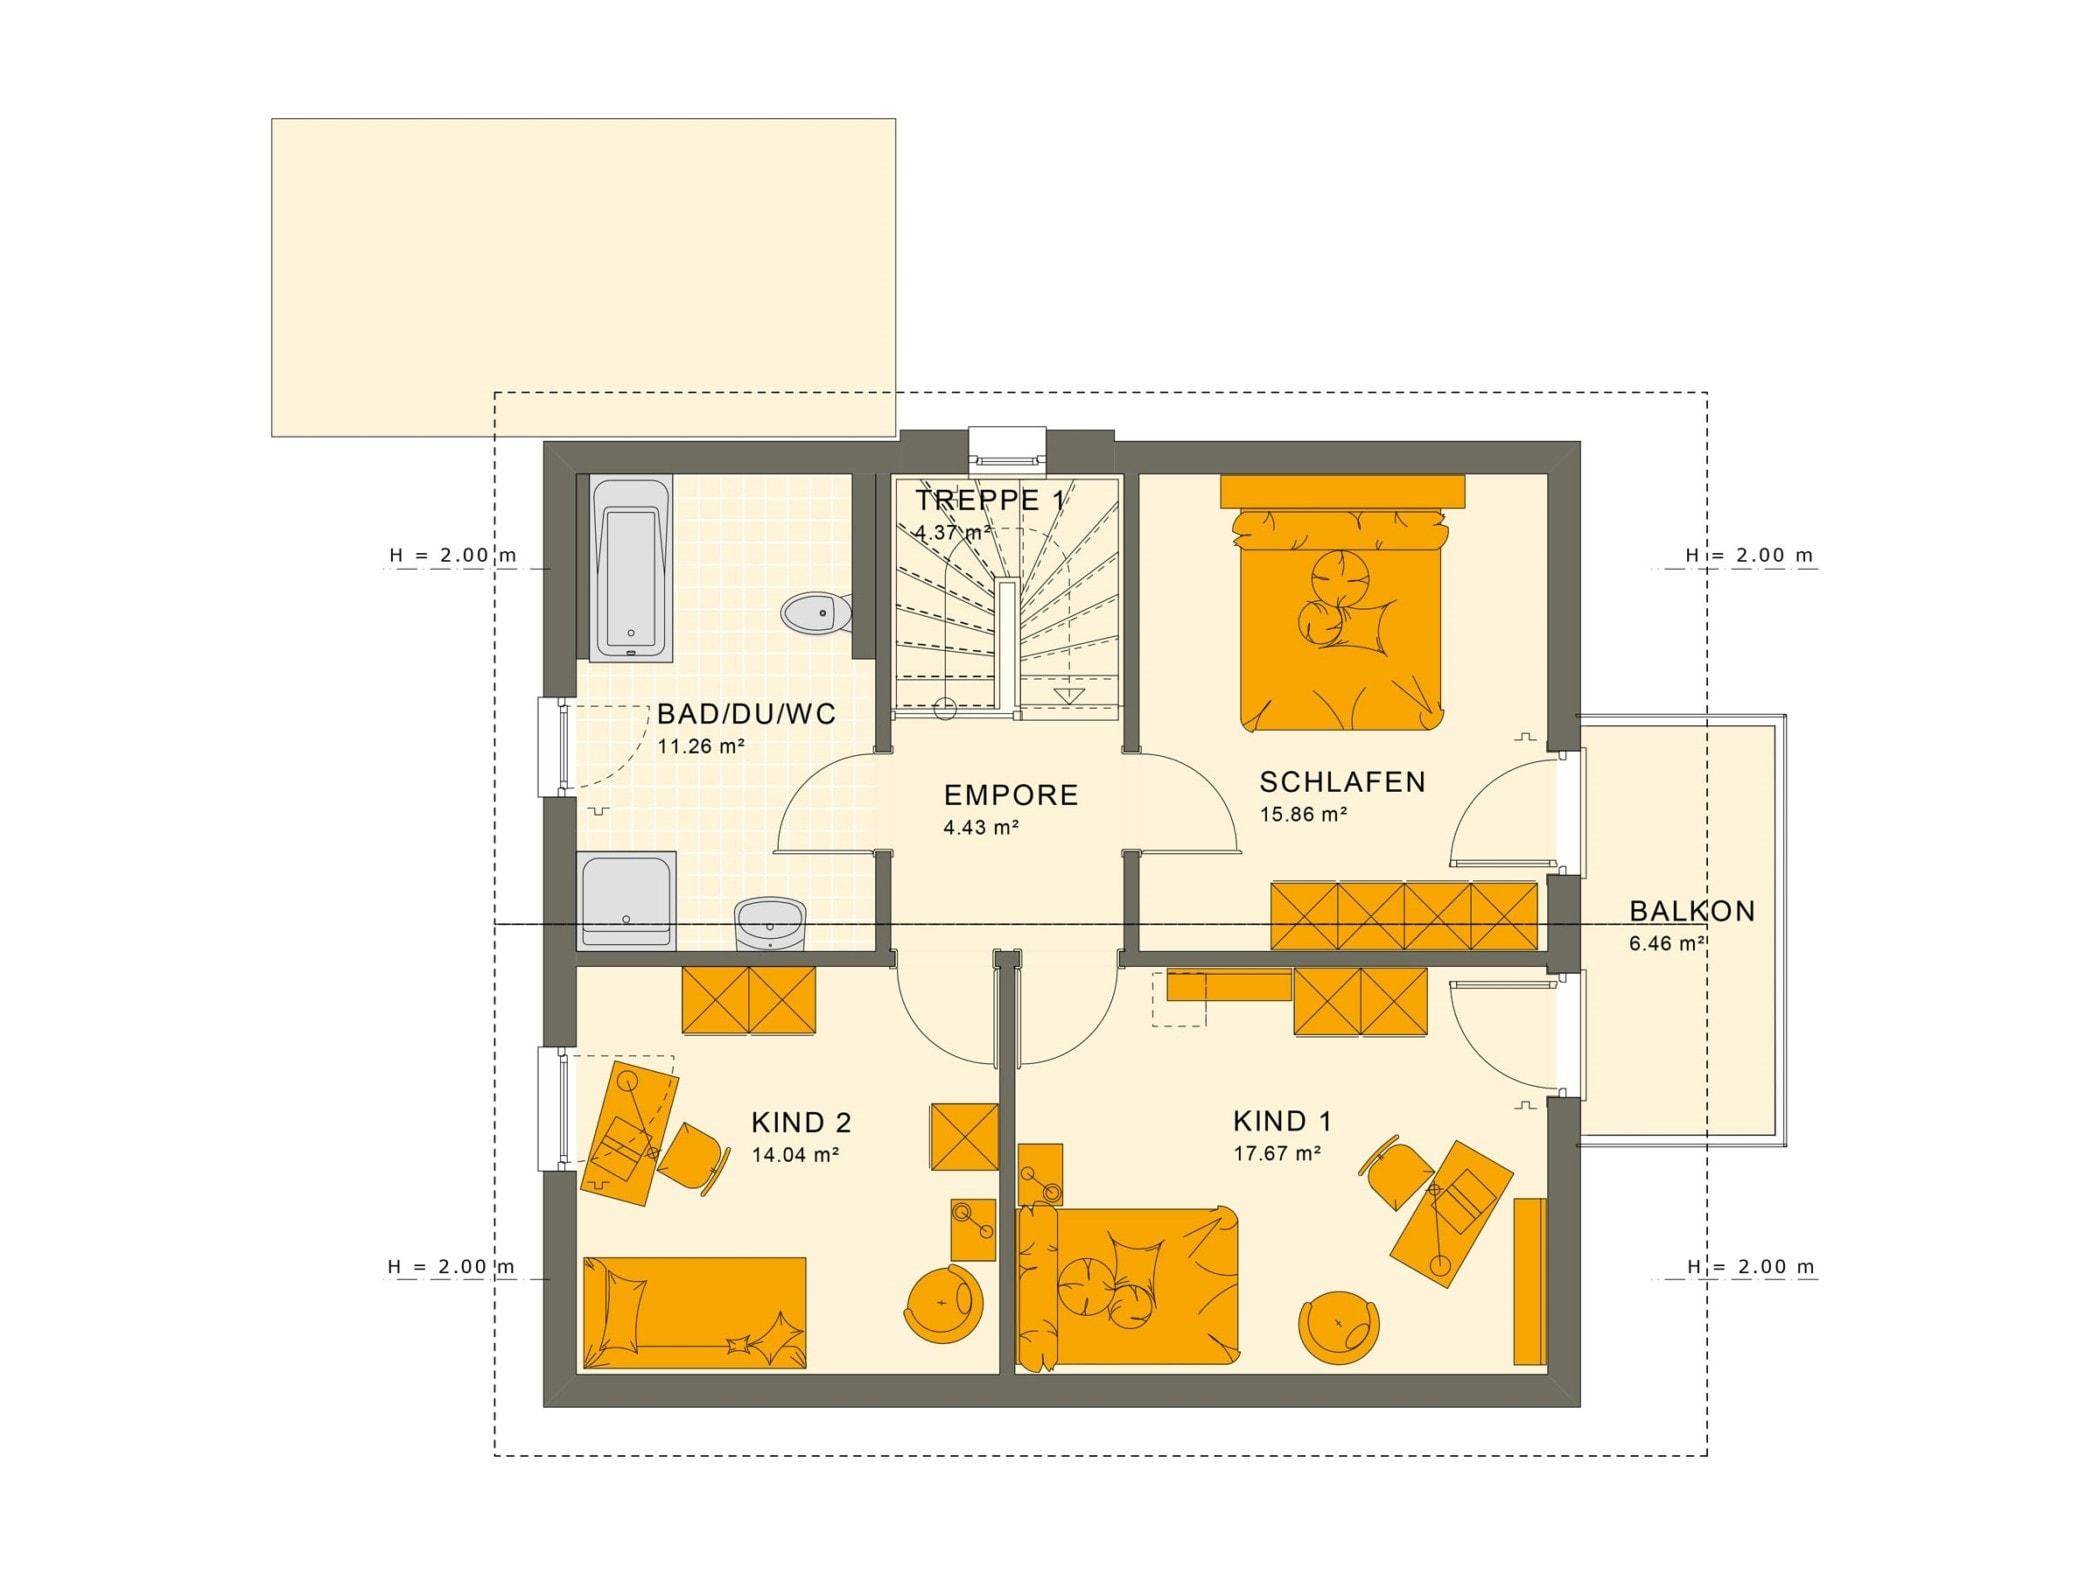 Einfamilienhaus Grundriss Obergeschoss mit Satteldach & Balkon, 5 Zimmer, 135 qm - Fertighaus Living Haus SUNSHINE 136 V5 - HausbauDirekt.de